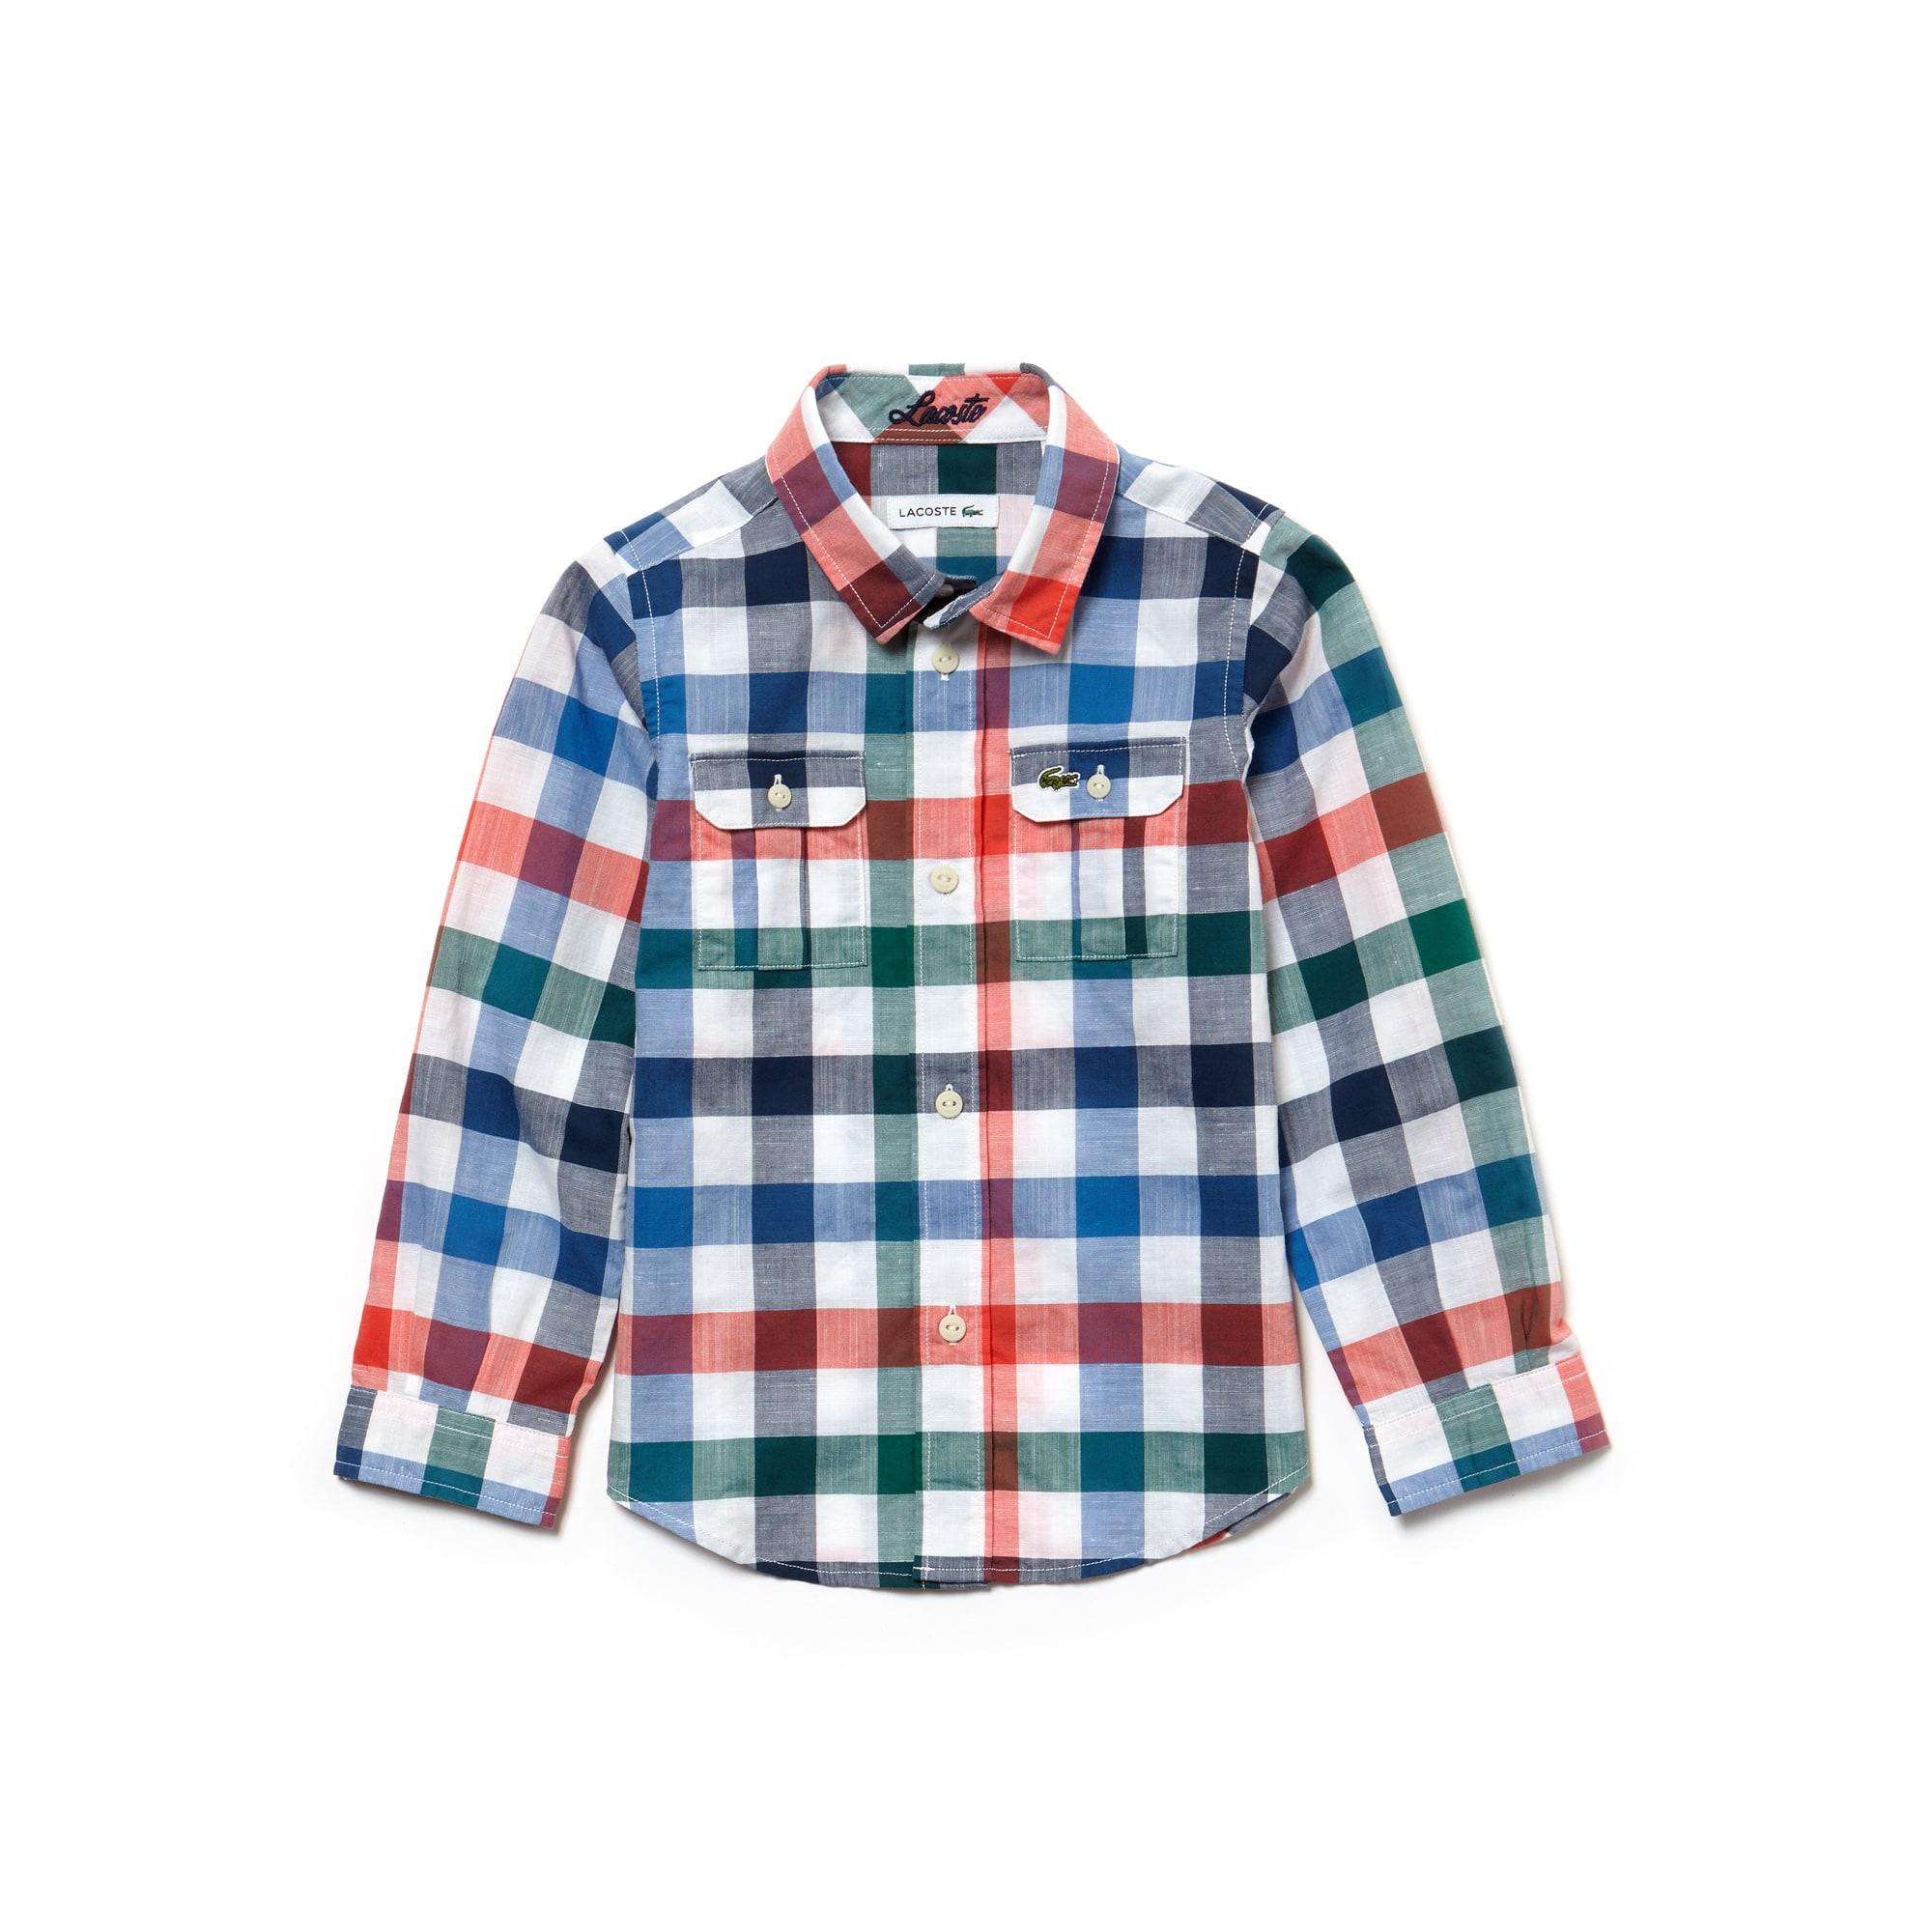 Camisa Menino em popelina de algodão e linho aos quadrados